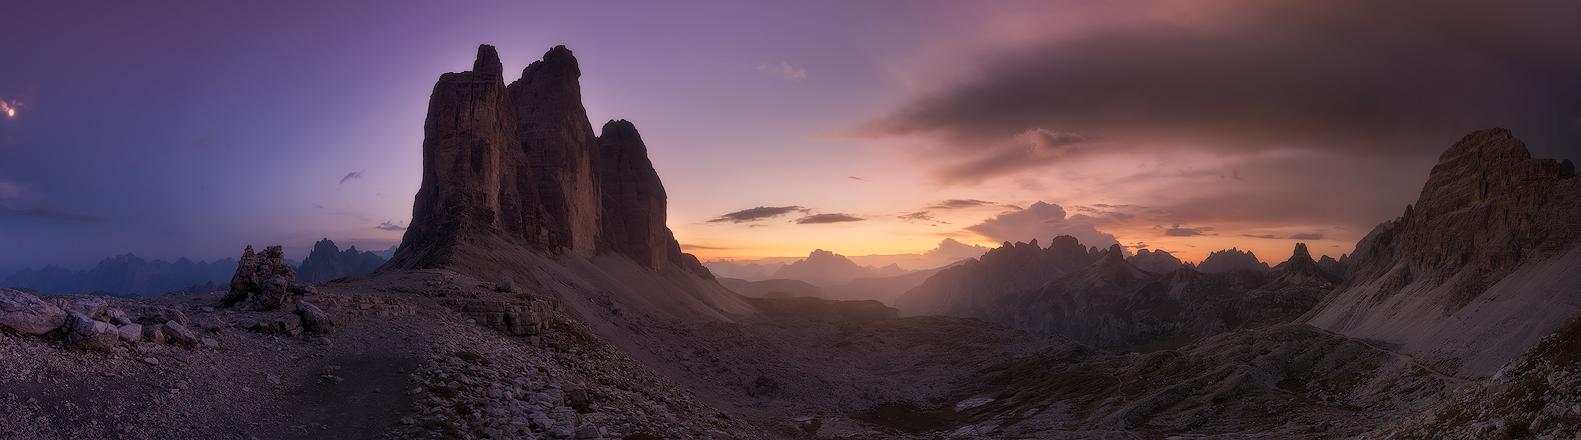 Photo Tour Dolomites